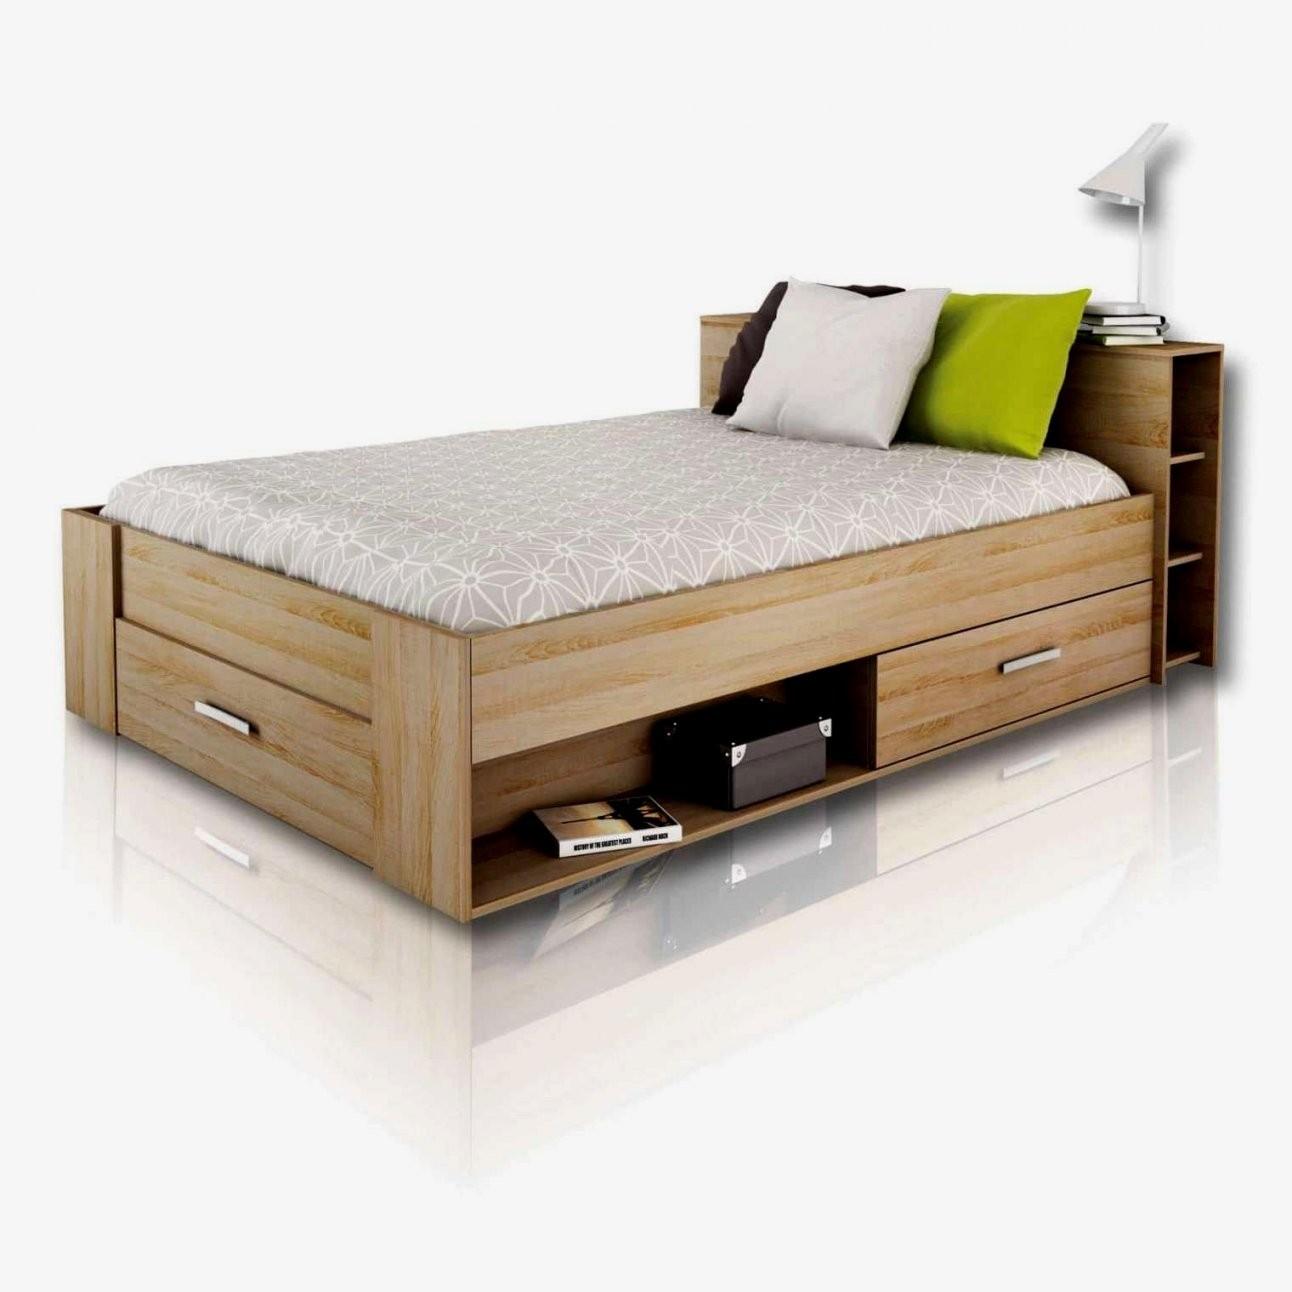 Beste Roller Betten 140X200 Schlafzimmer Bei Eindrucksvoll von Bett 120X200 Roller Bild